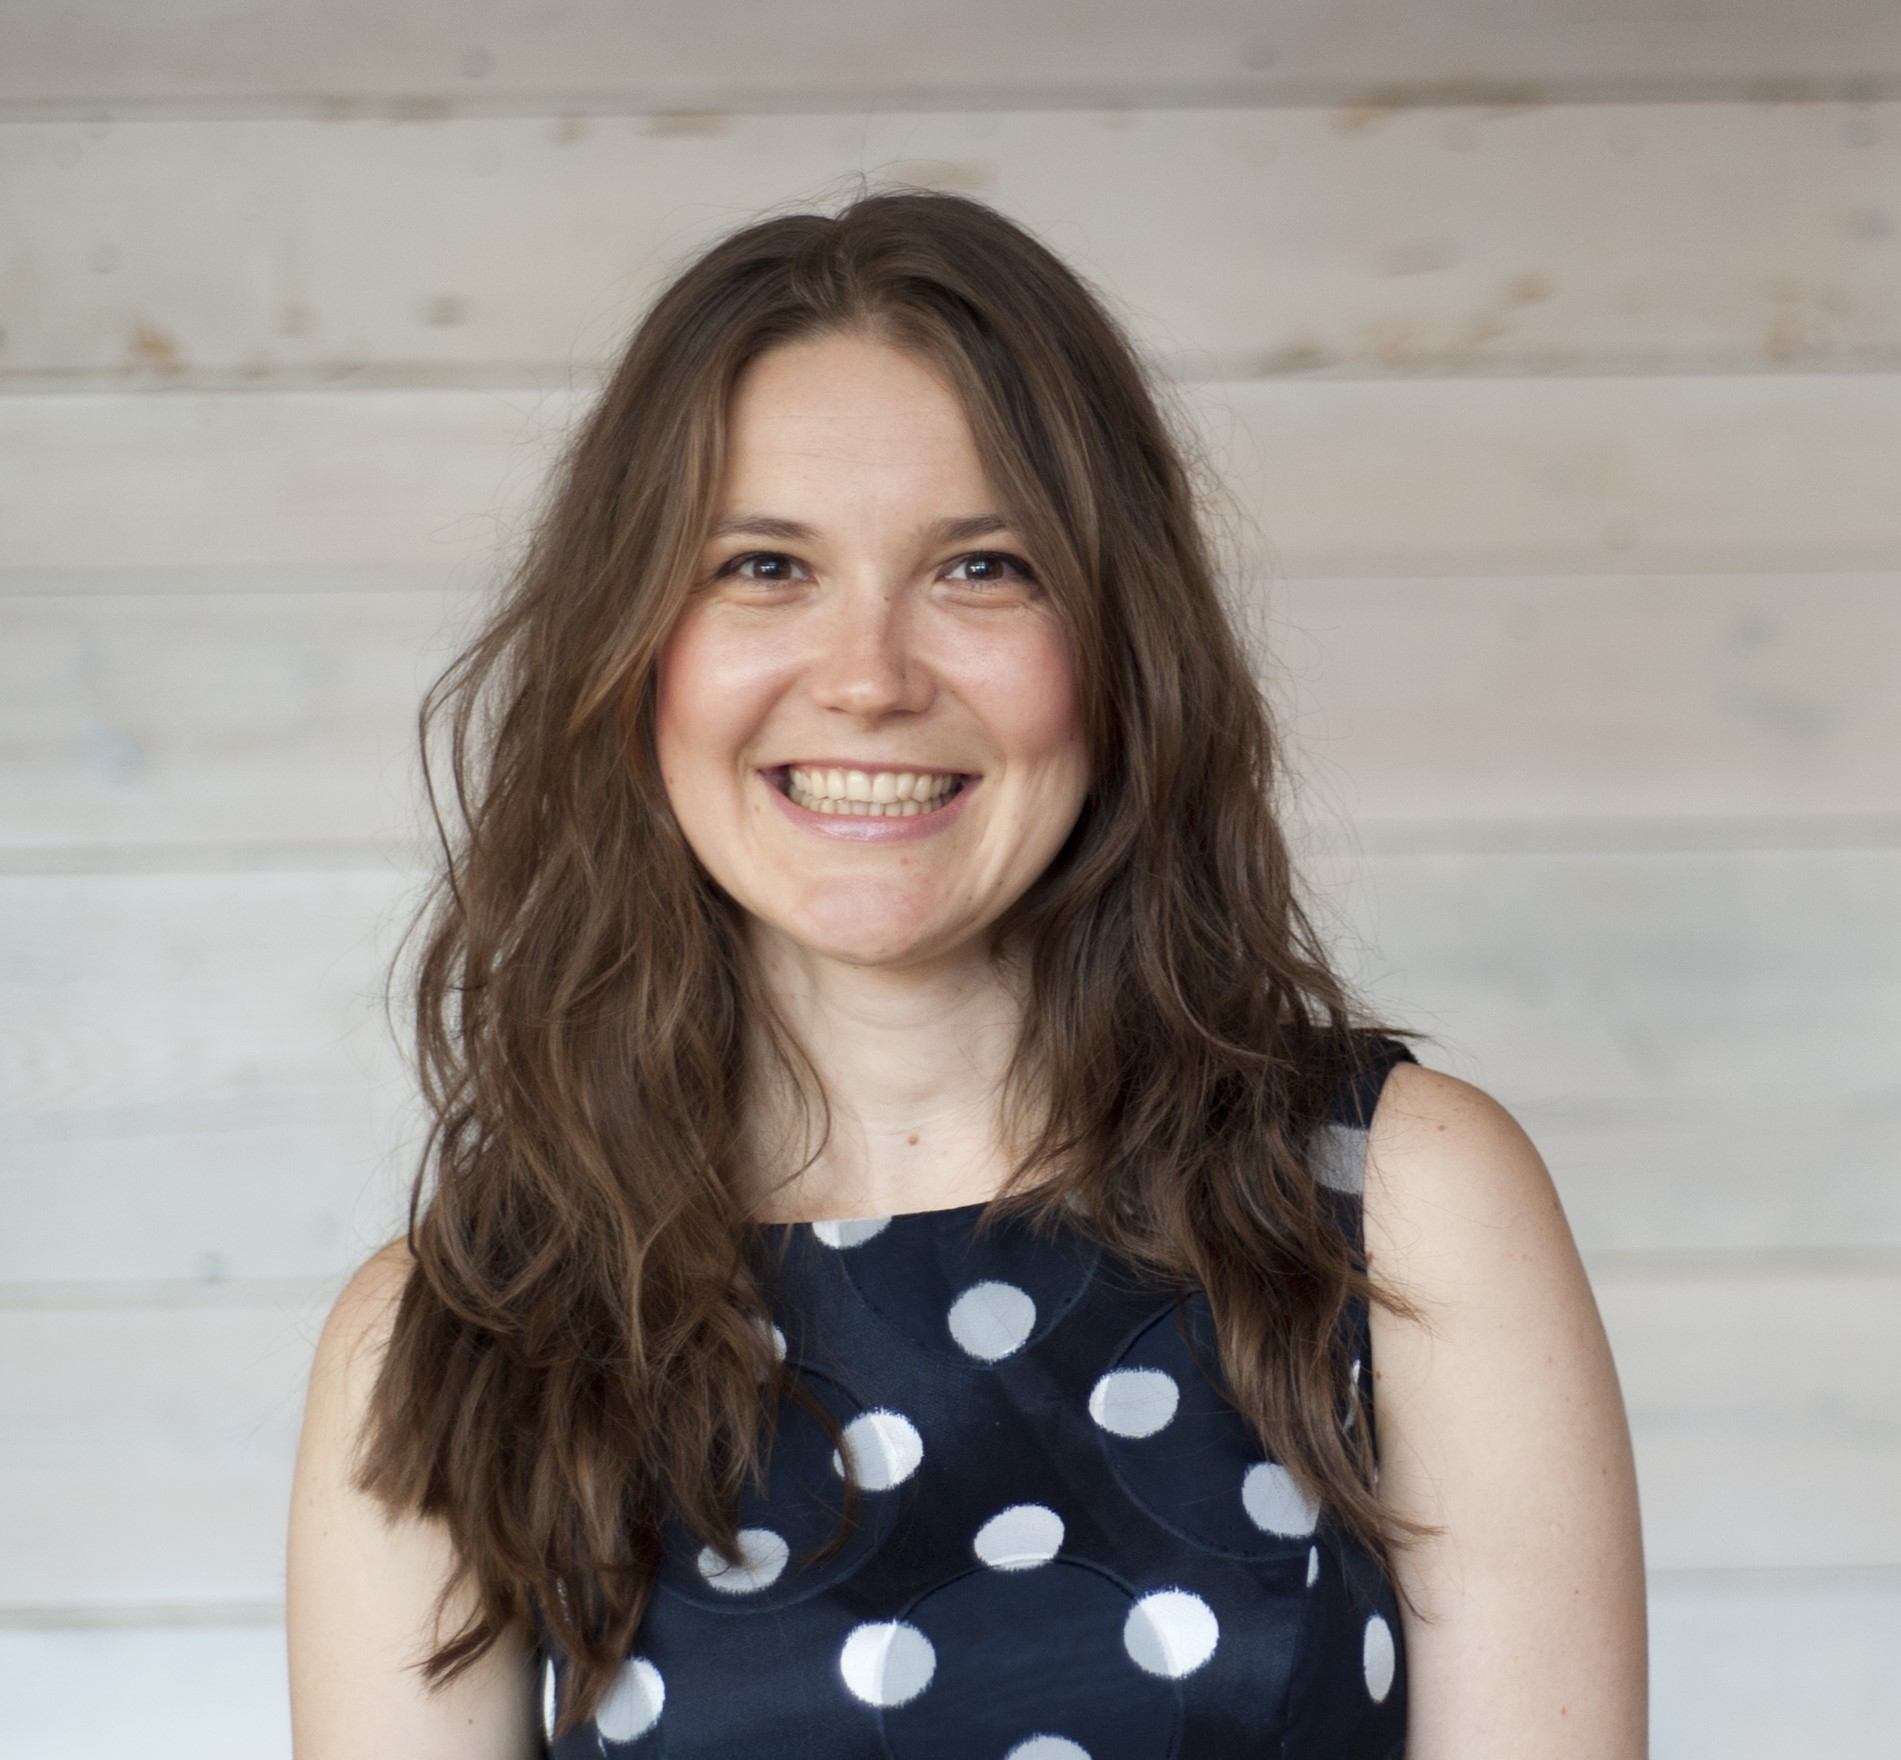 Yuliya Tarasava, co-founder of CNote